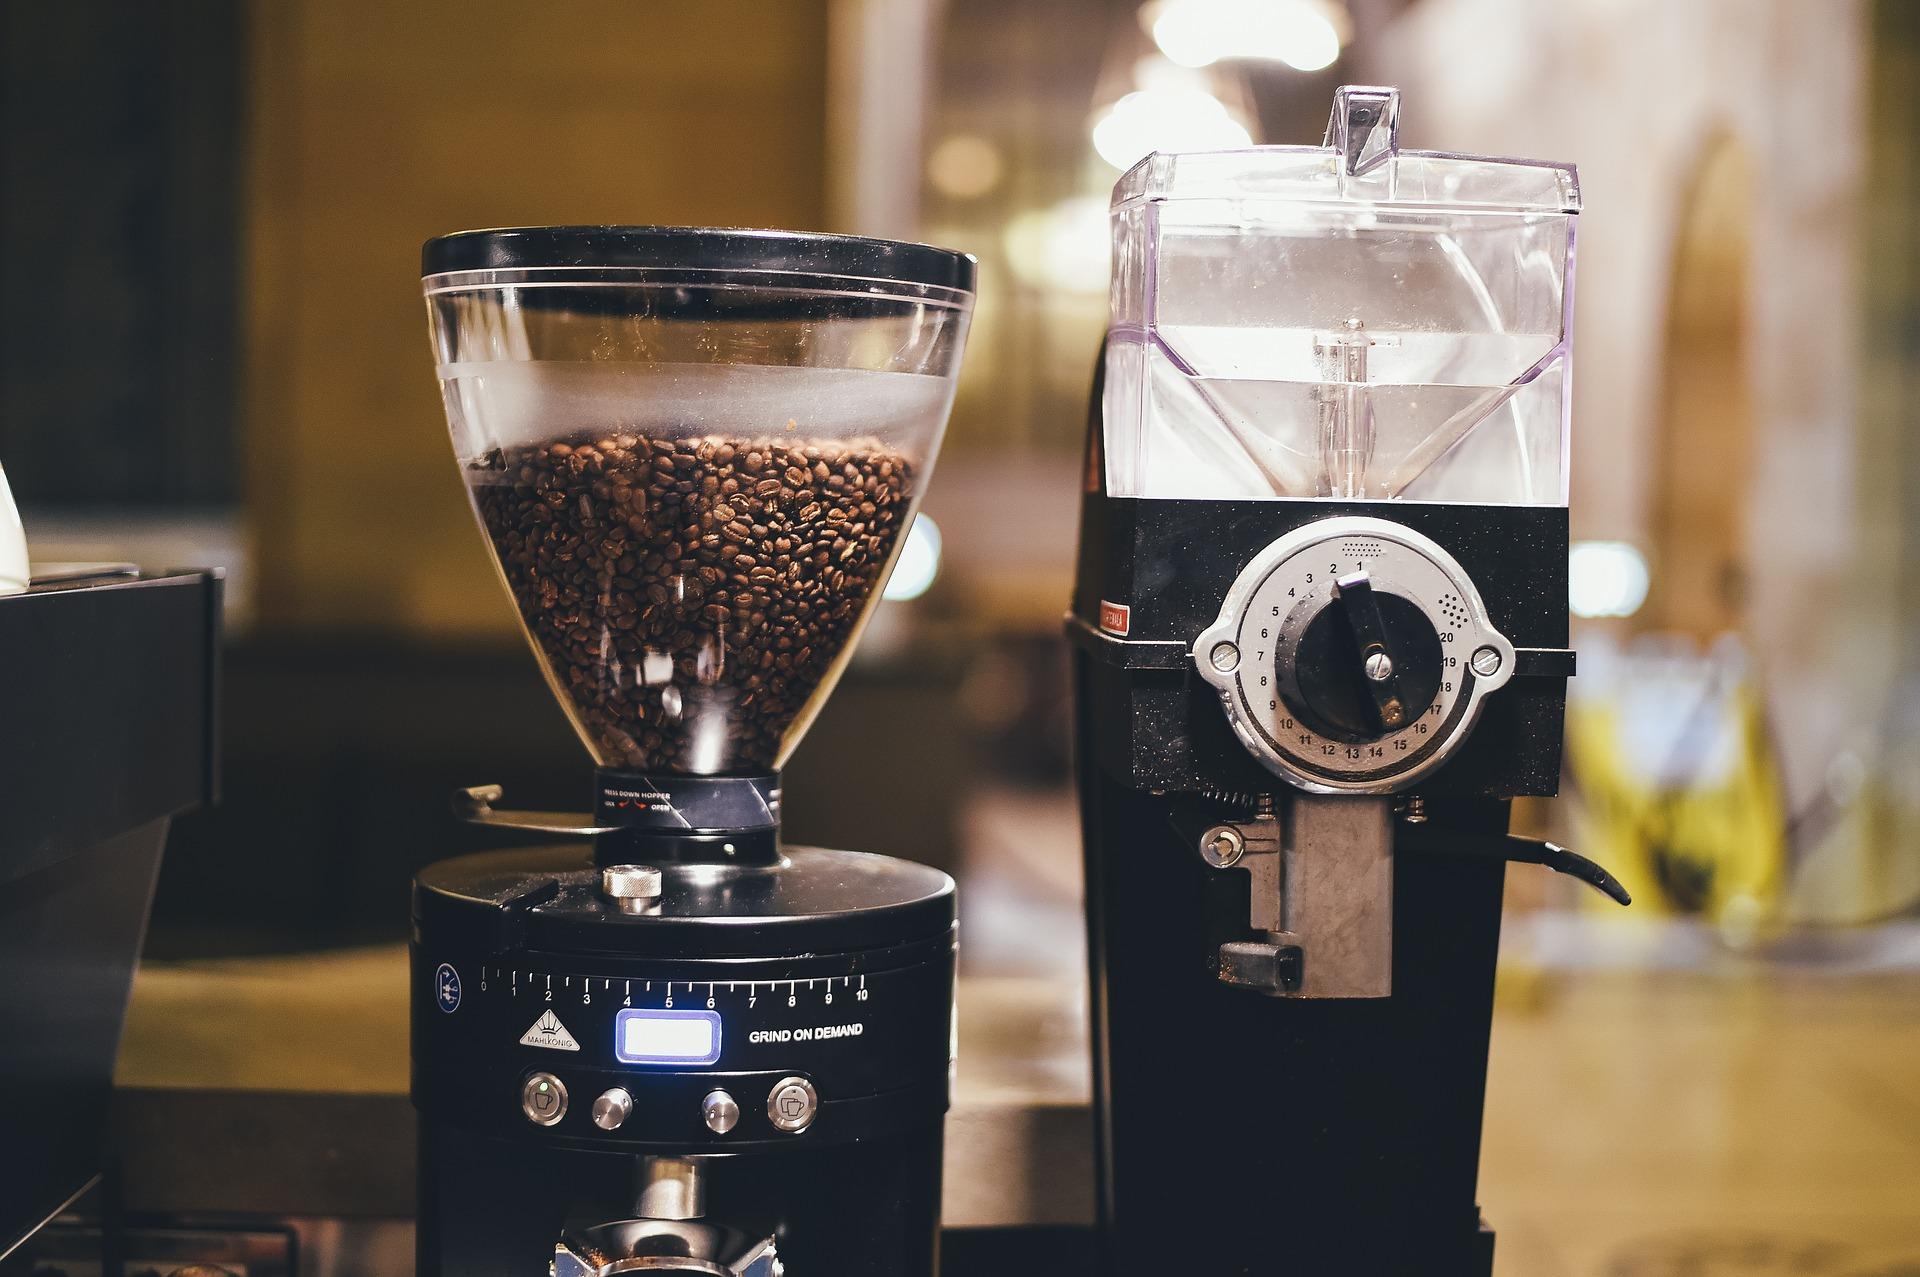 ekspres do kawy z młynkiem